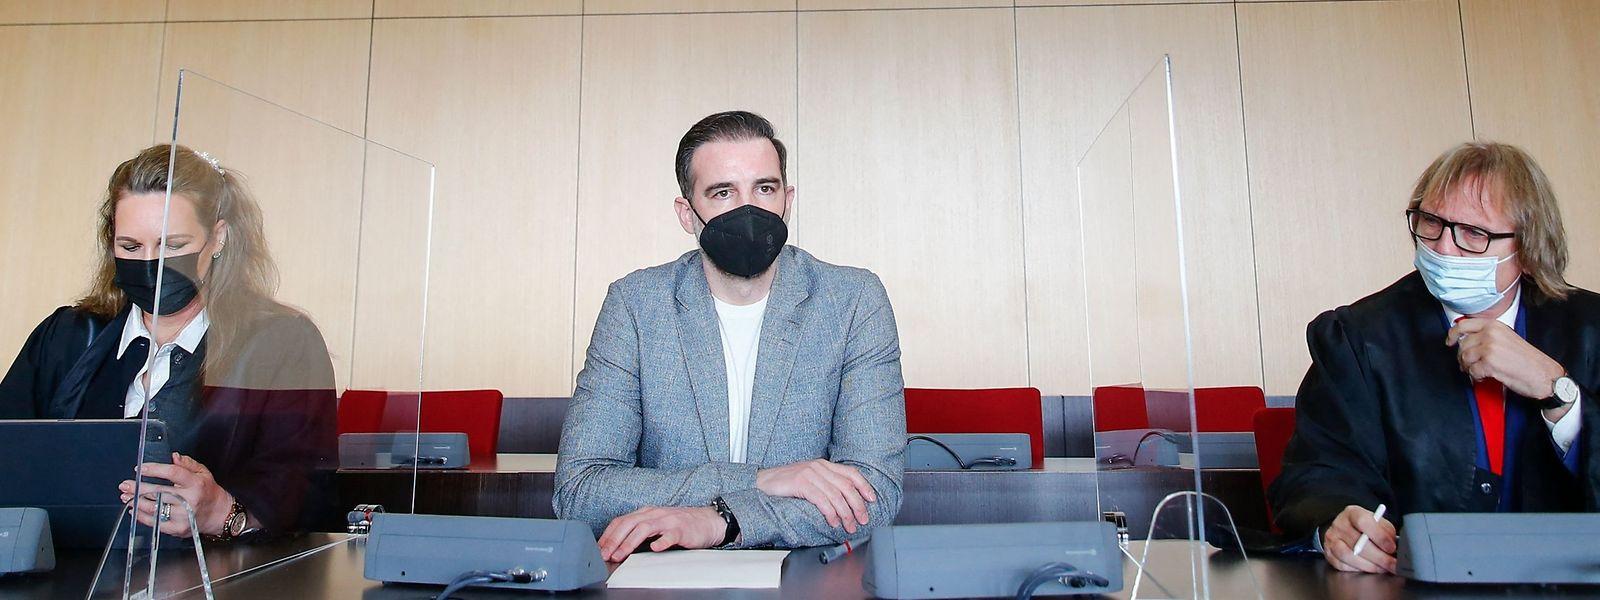 Der frühere Fußballprofi Christoph Metzelder (M) neben seinen Anwälten Julia Donnepp (L) und Ulrich Sommer.